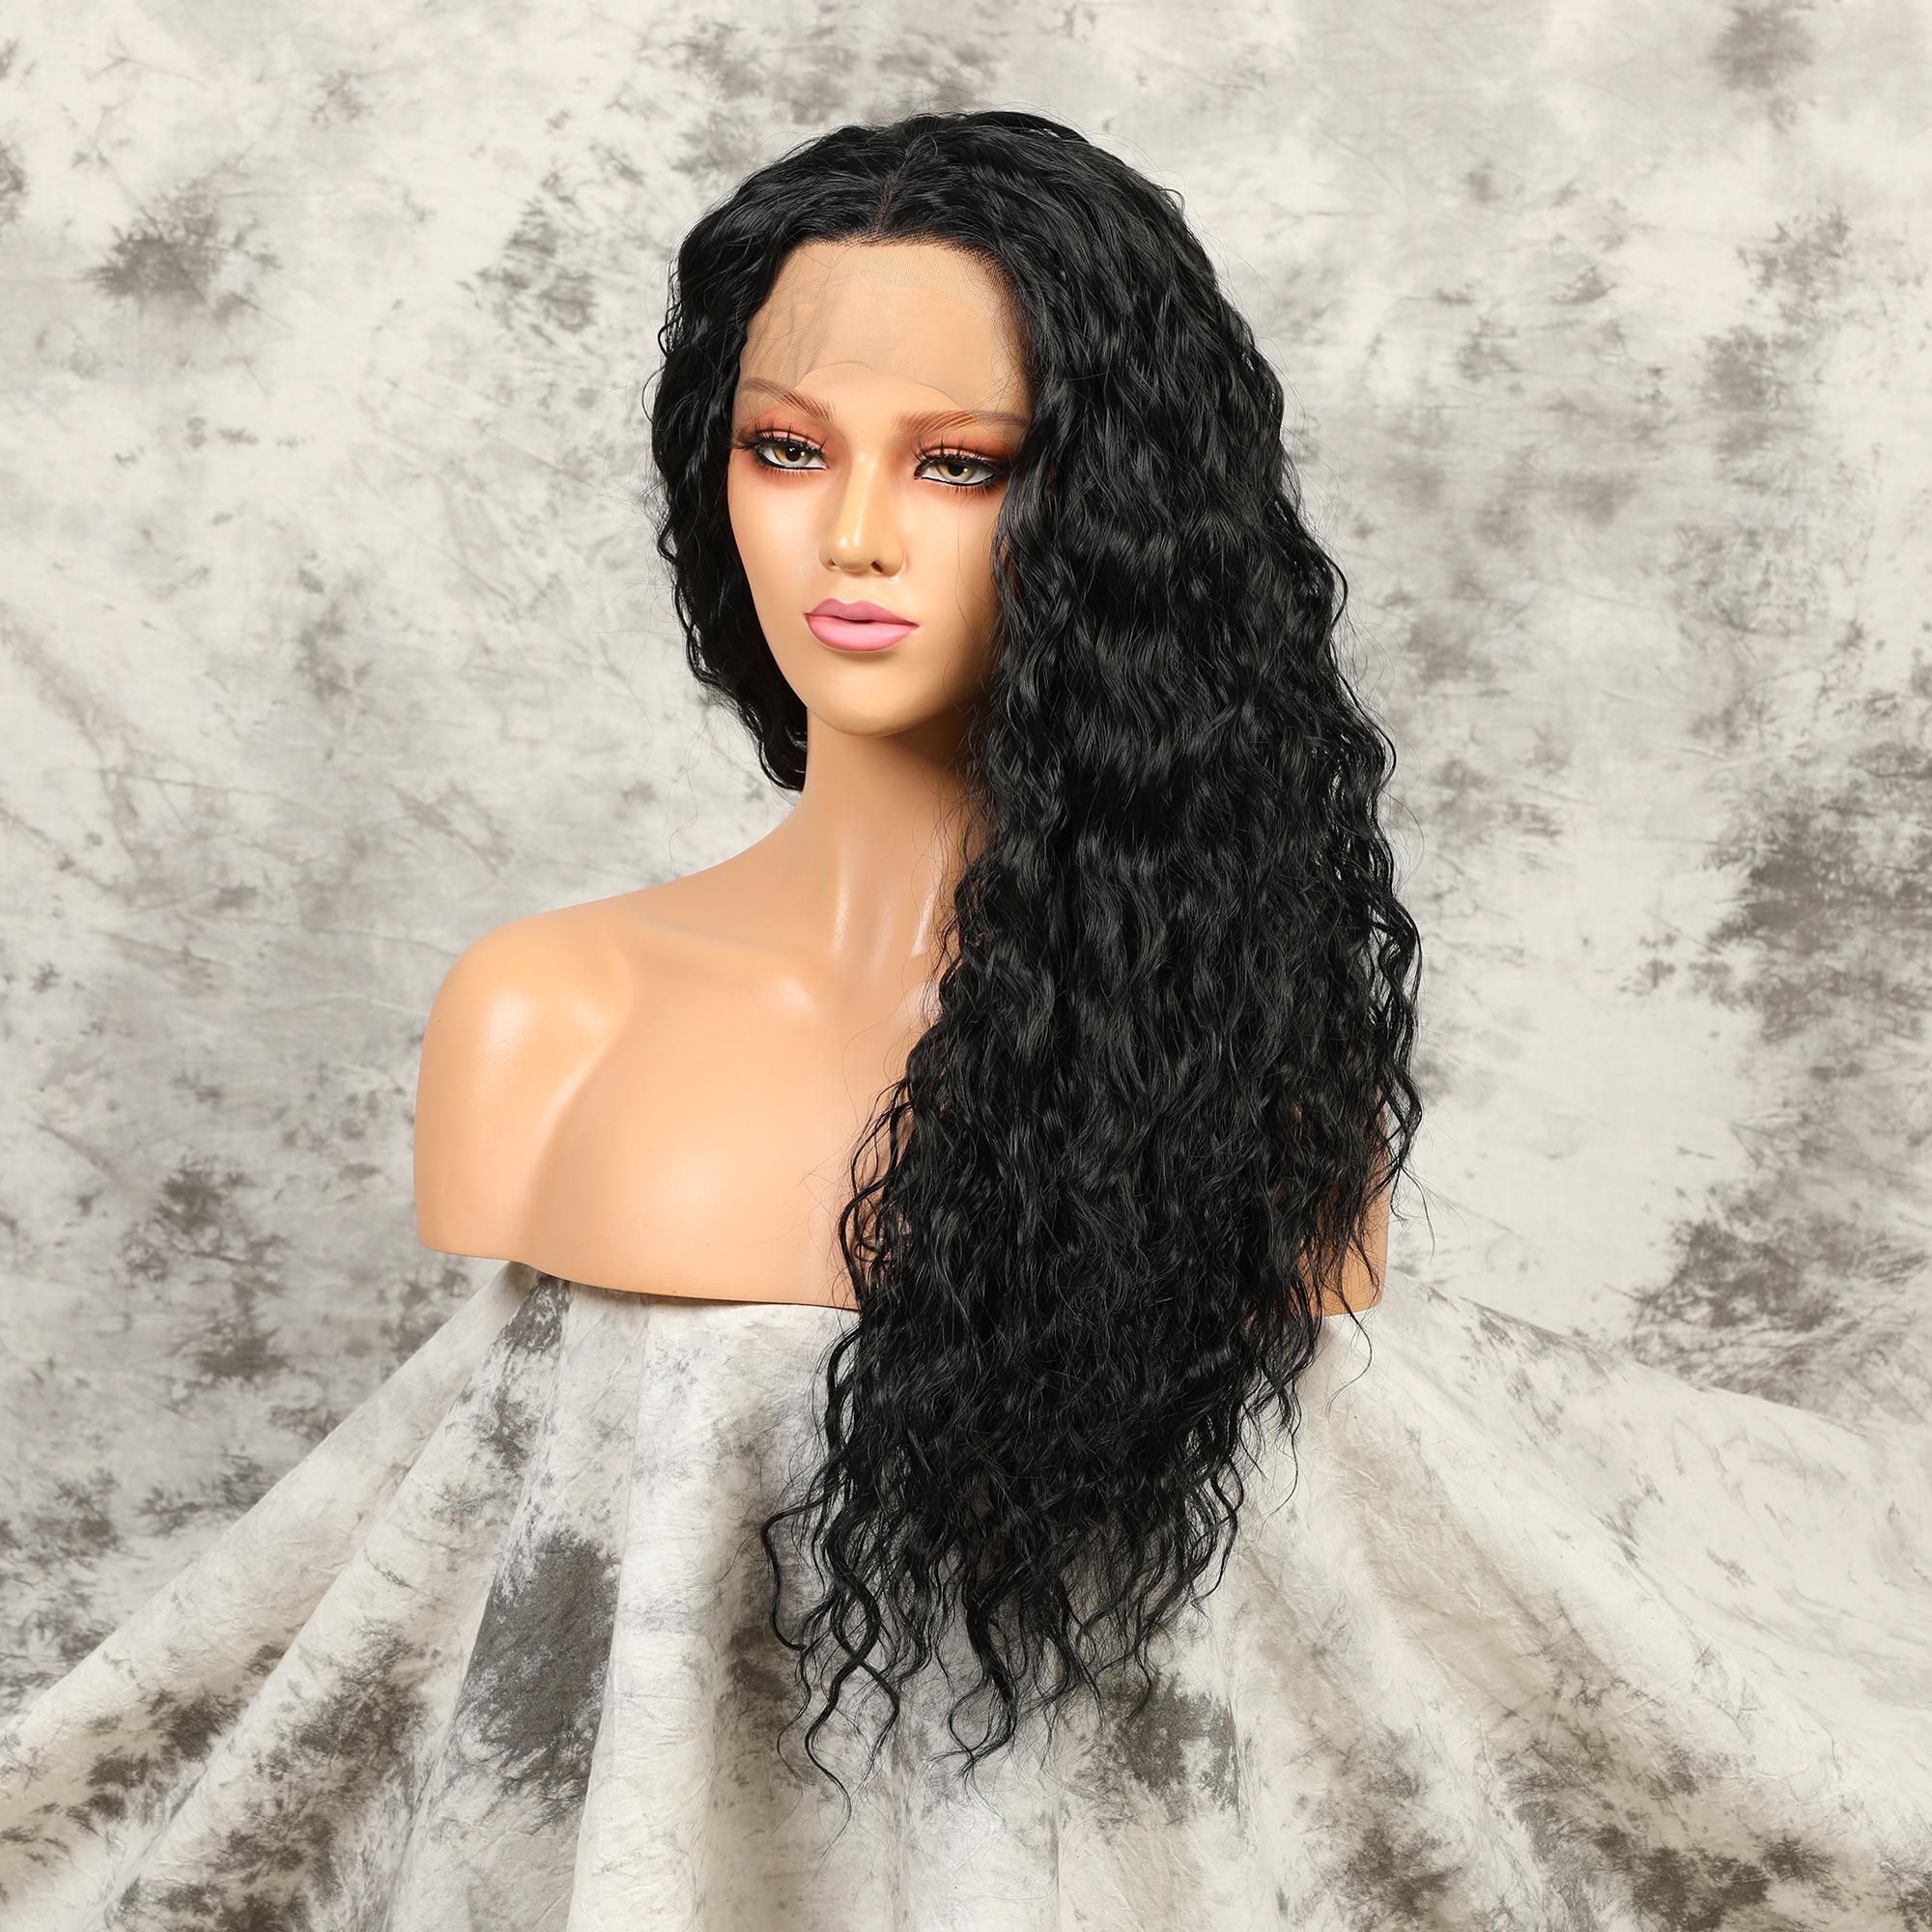 180% الكثافة 26 بوصة طويل غريب مجعد بيروكات صناعية الدانتيل الأسود الطبيعي شعر مستعار أمامي للنساء Babyhair preplucted تأثيري اليومي